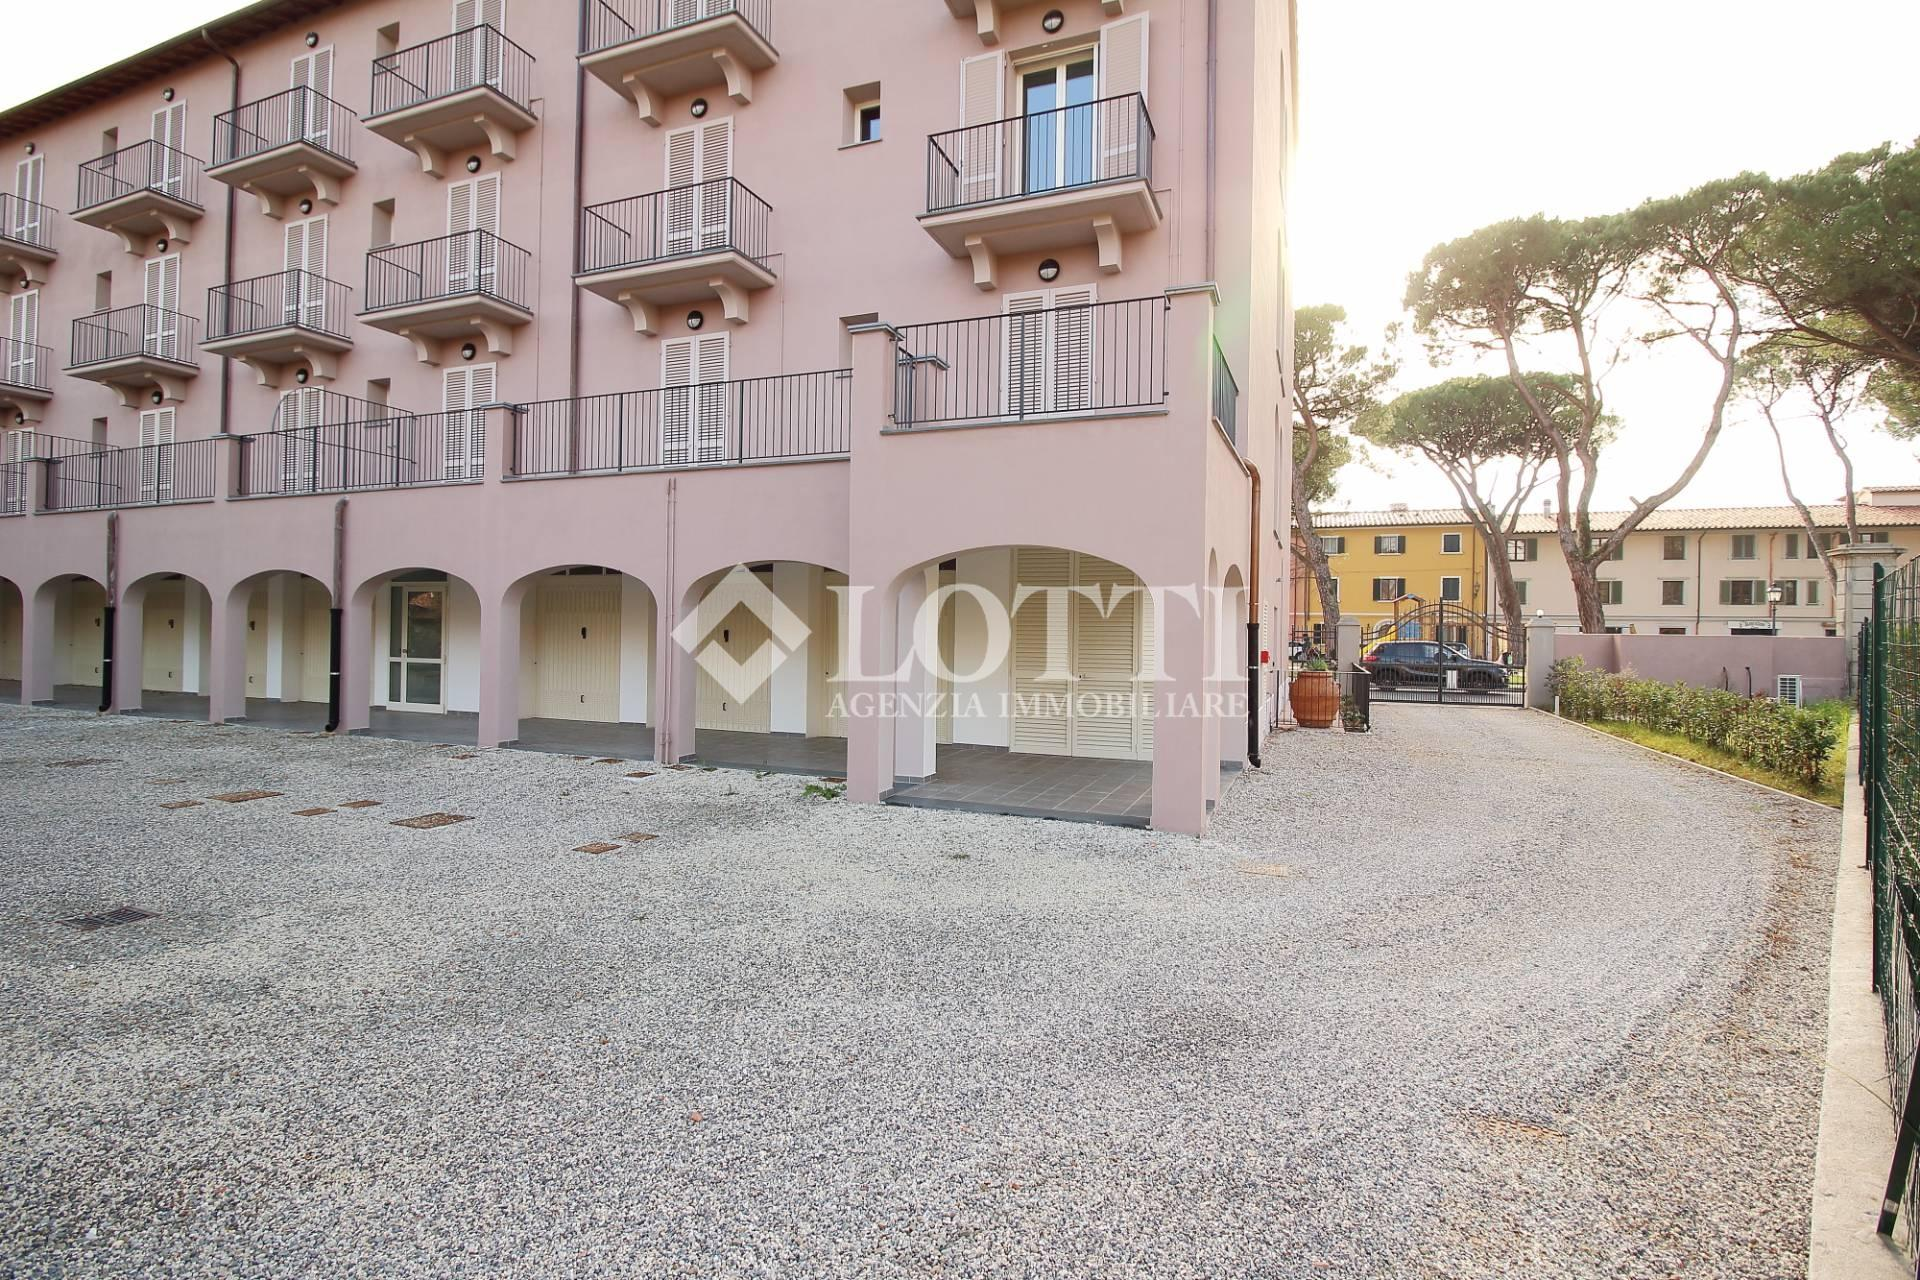 Appartamento in Vendita, rif. 99-F